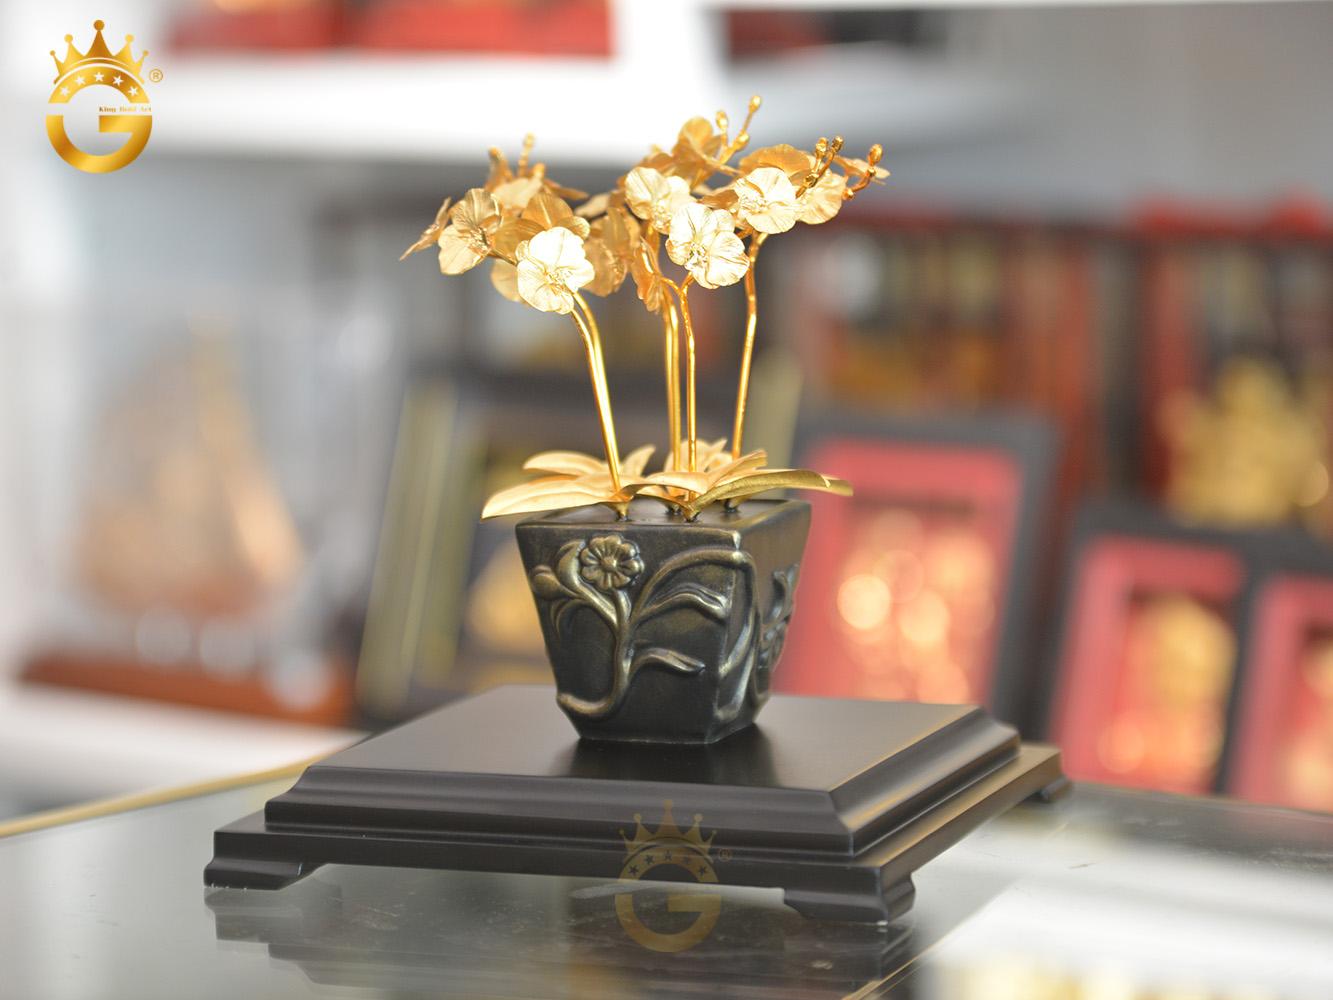 Chậu hoa lan mạ vàng 24k đẹp tinh xảo làm quà tặng sinh nhật mẹ0